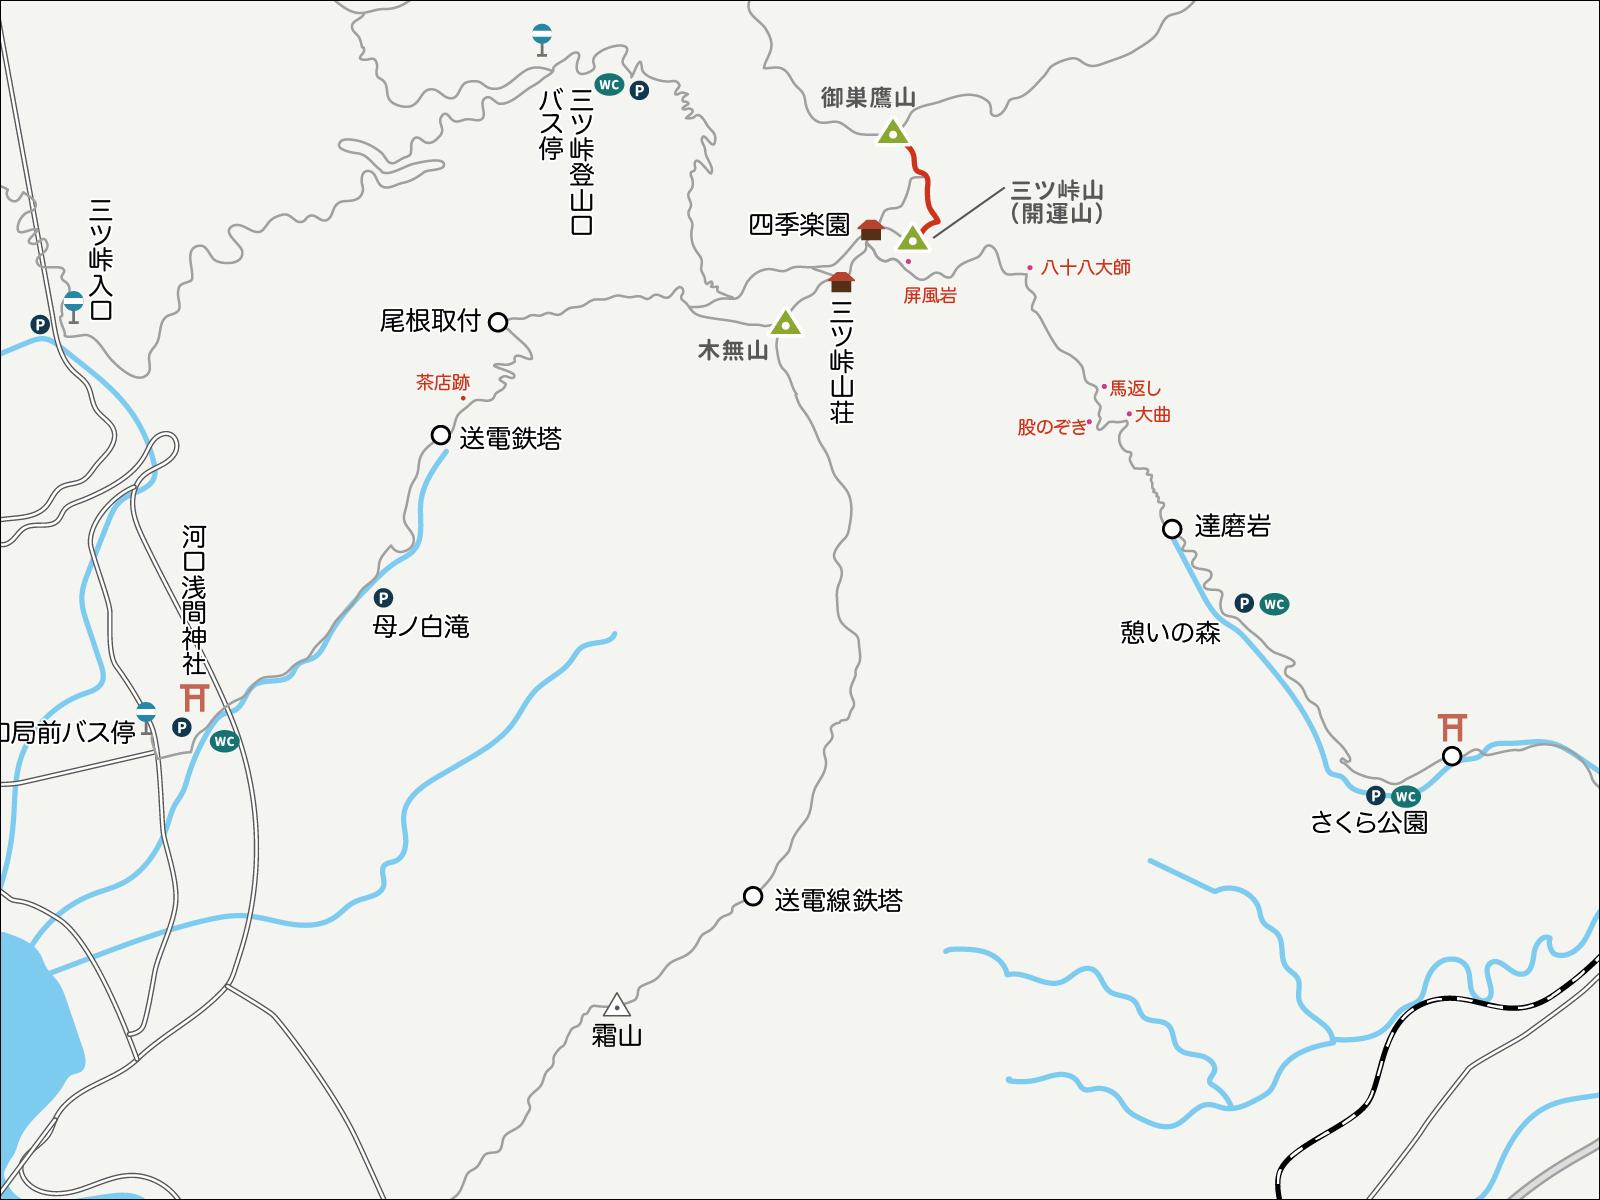 三ツ峠山から御巣鷹山へのイラストマップ